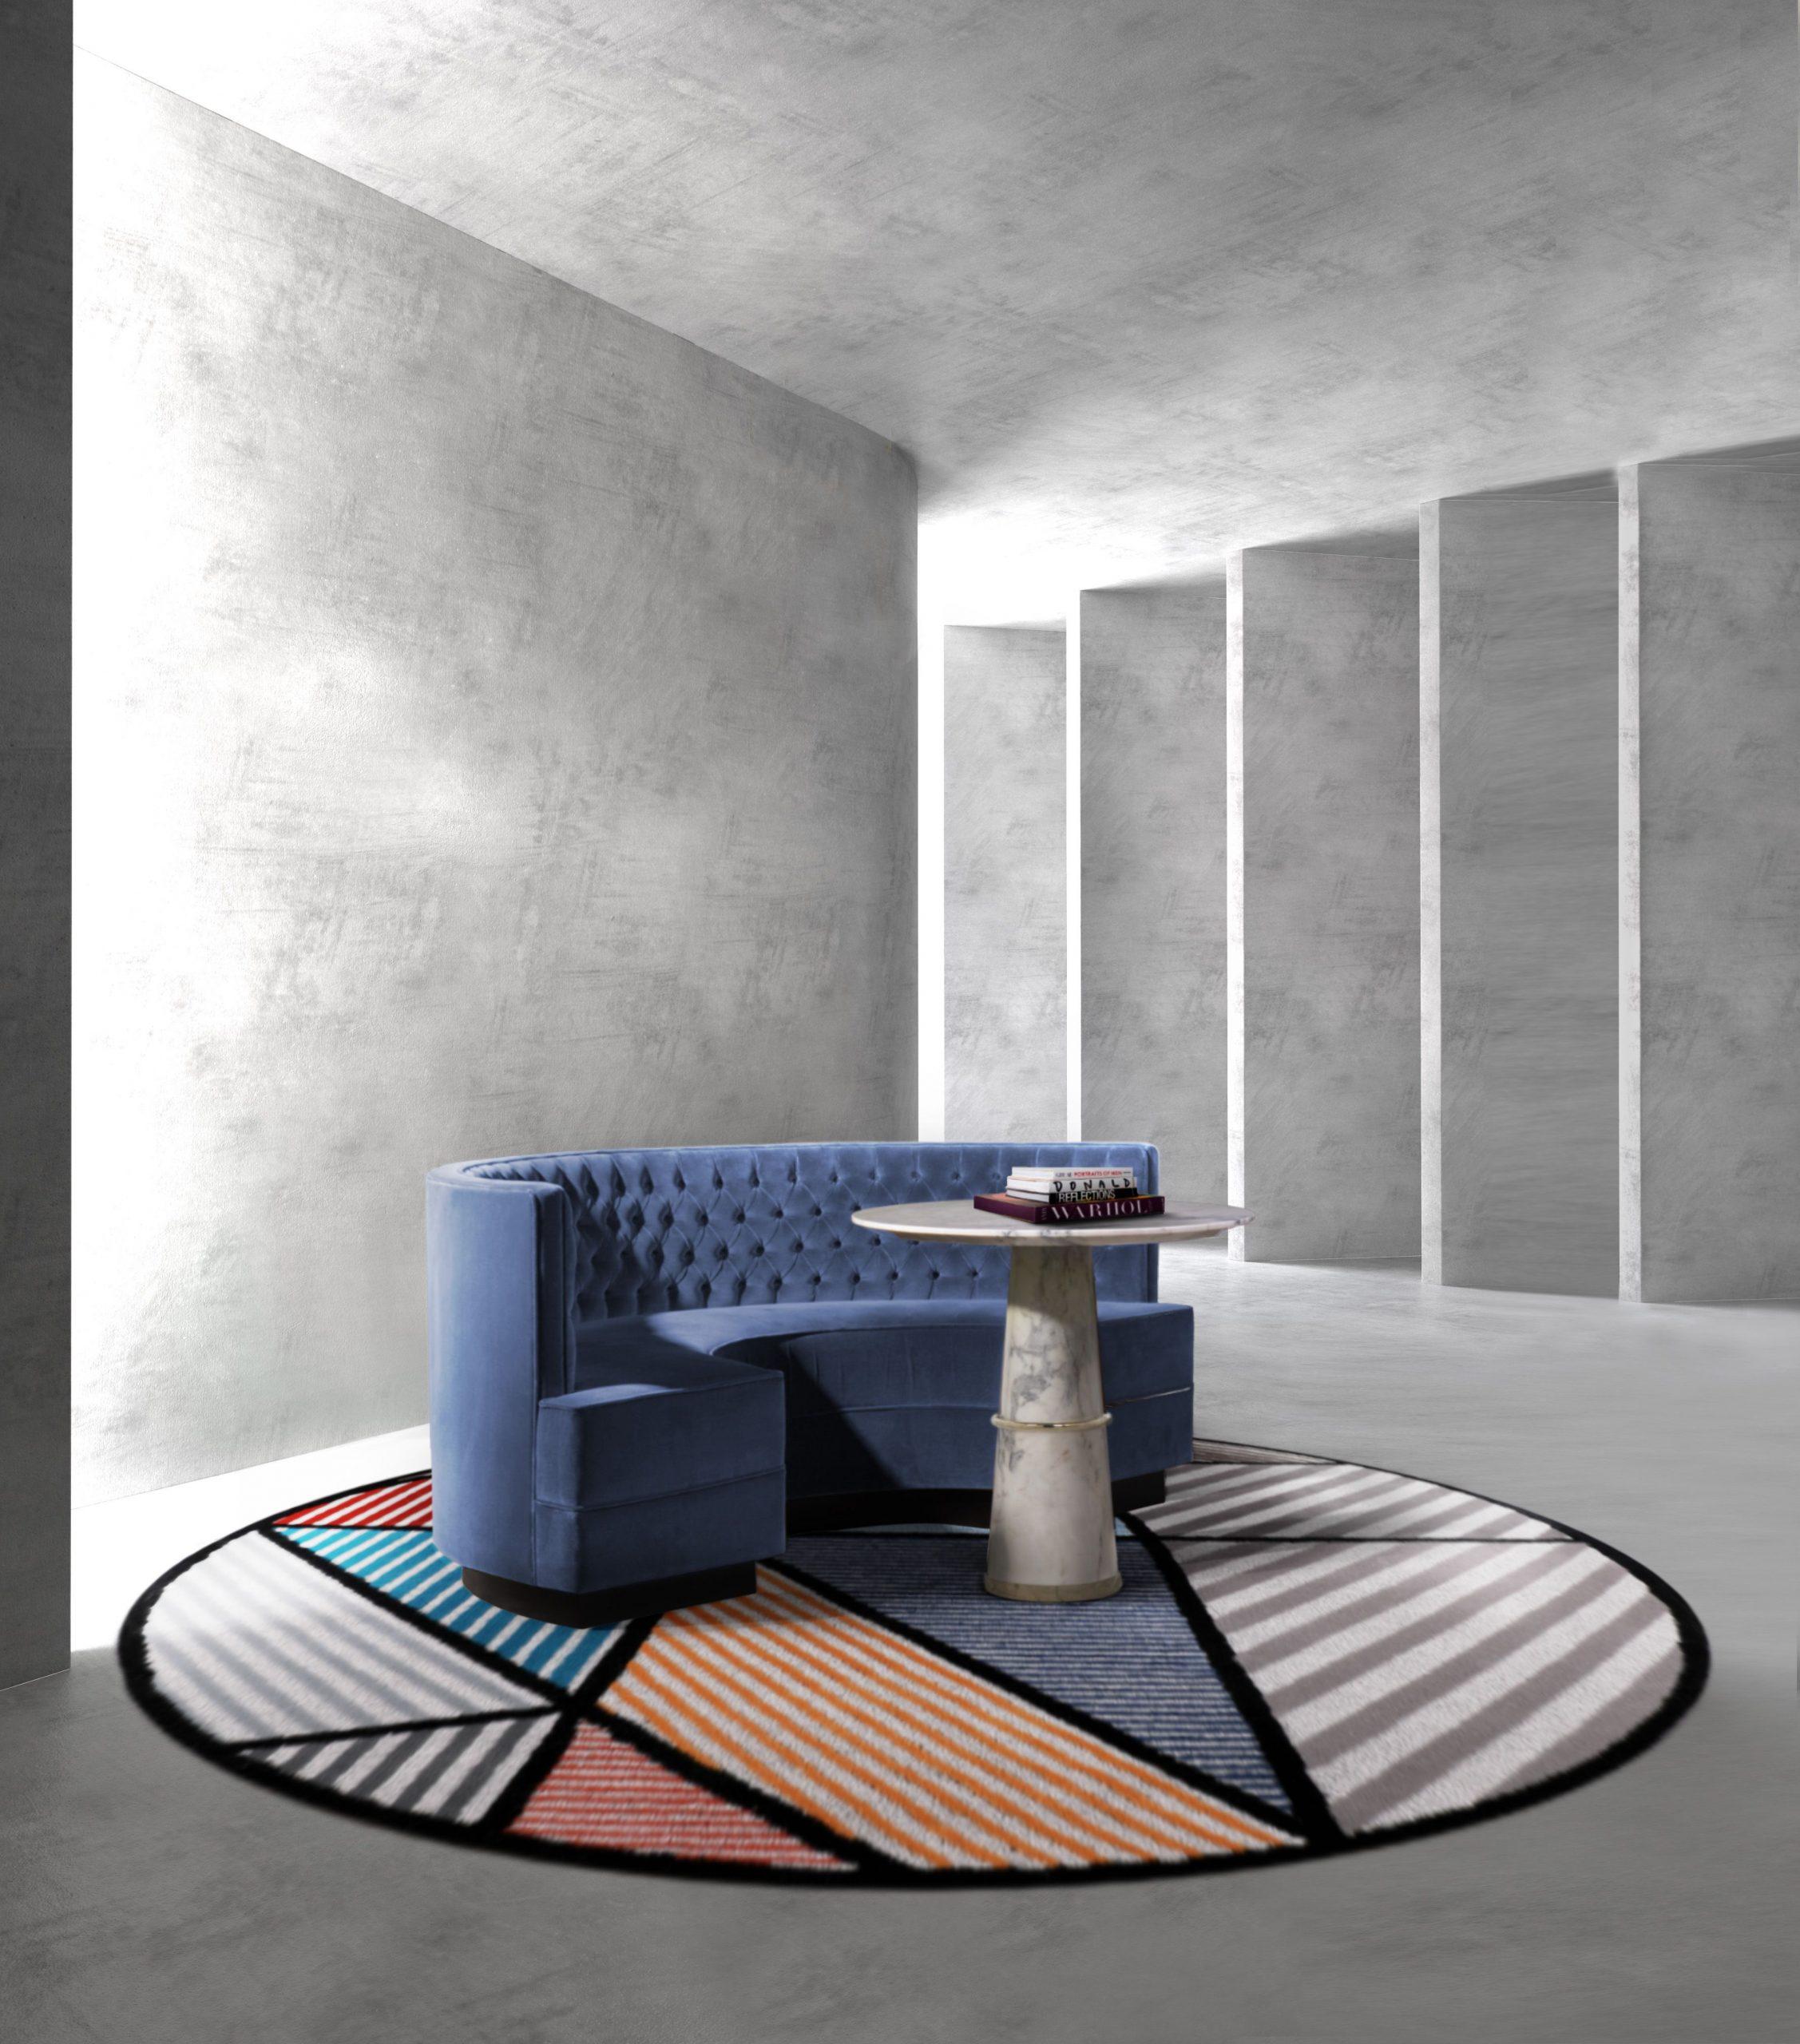 Curved Shapes, The Trendiest Rug Design for Spring 2021